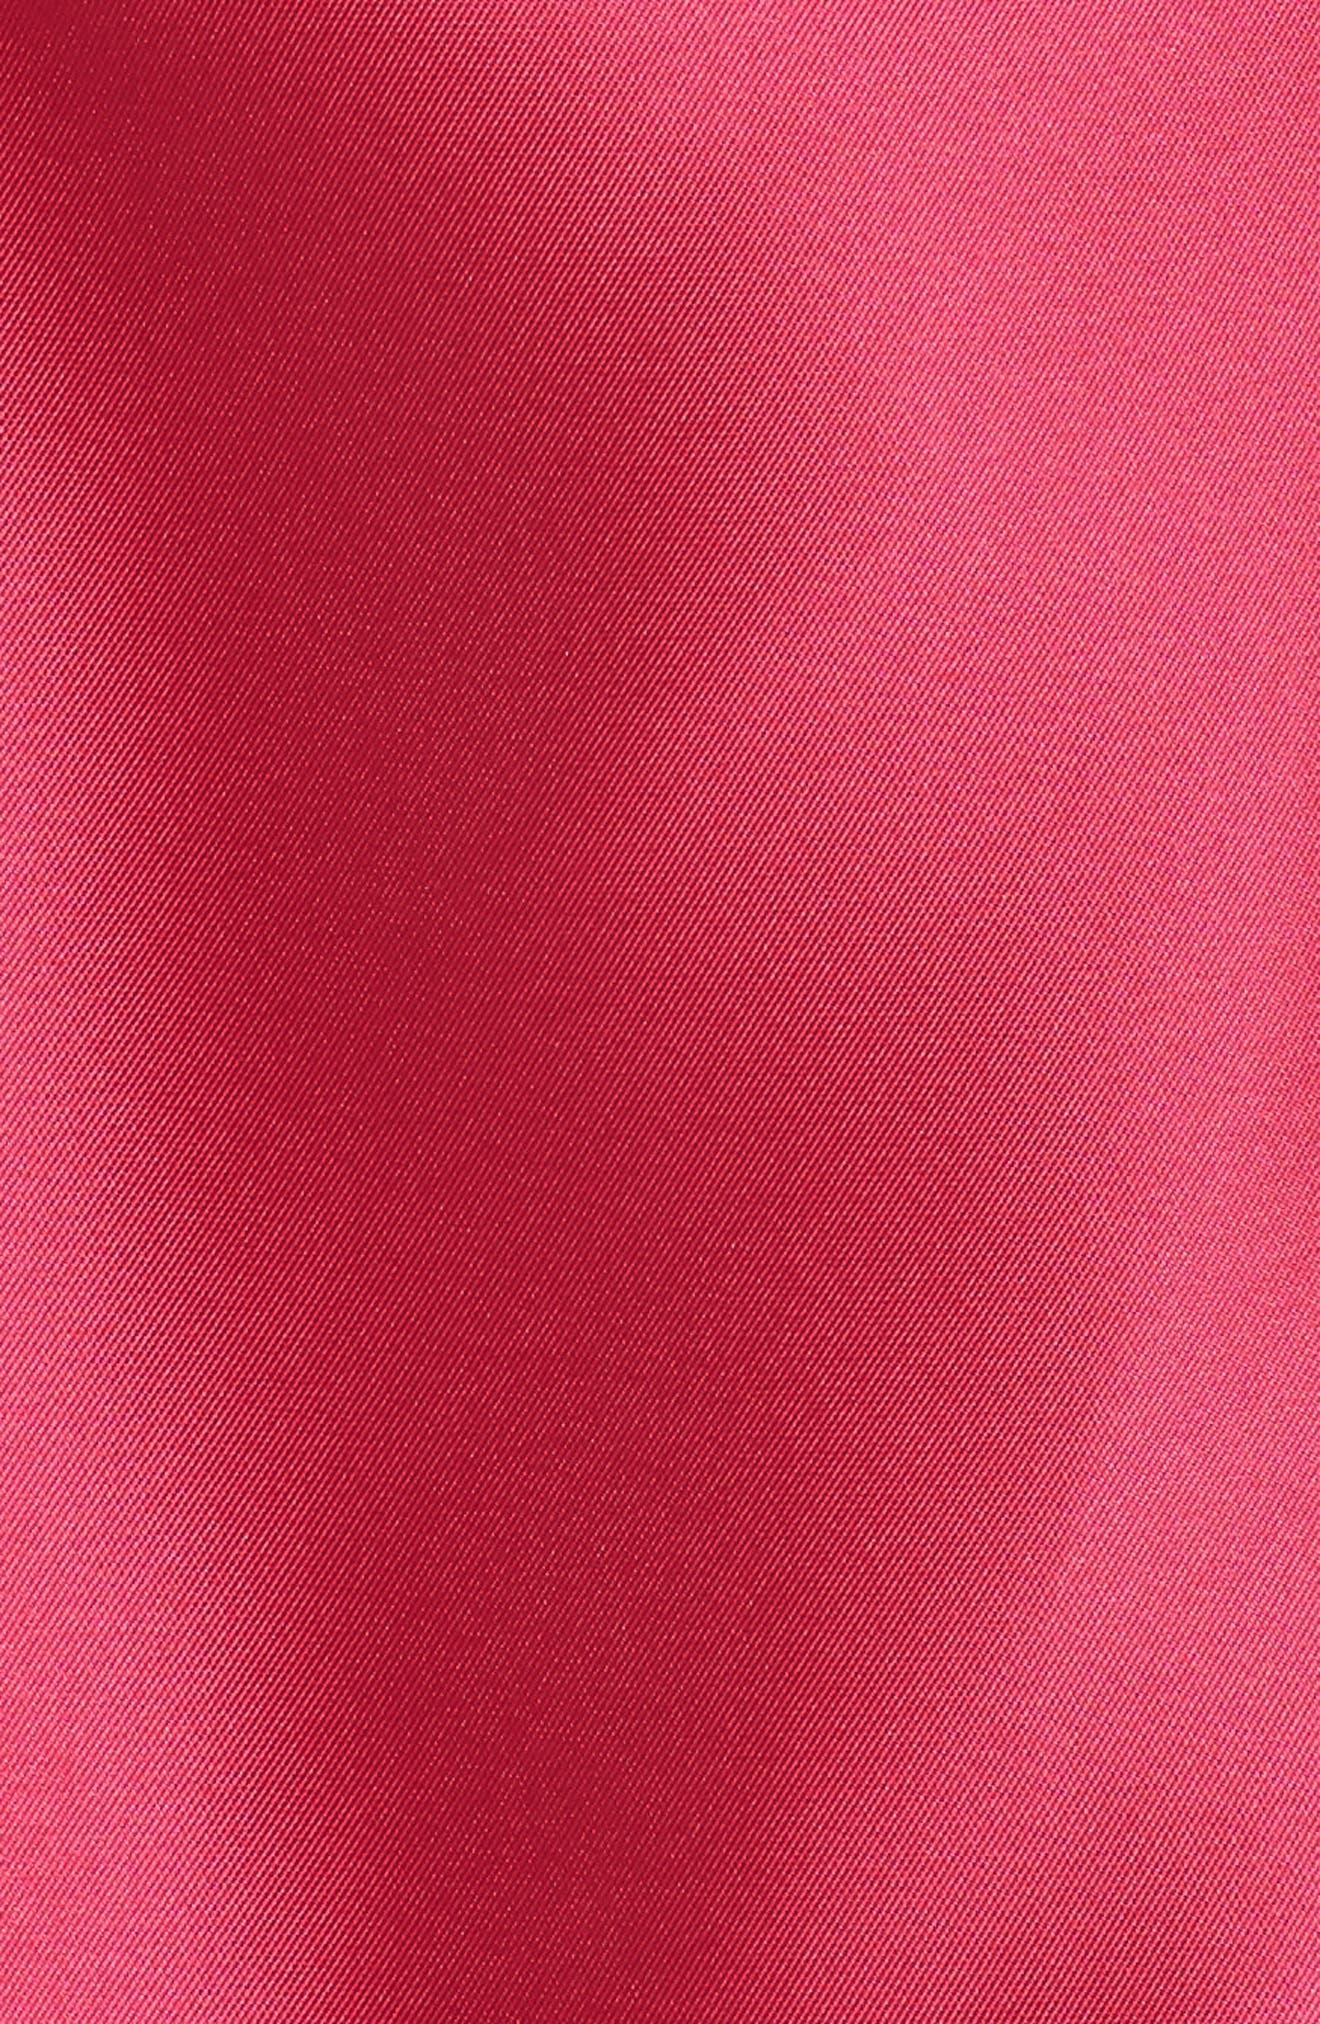 Arcadia Sleeveless High/Low Mikado Ballgown,                             Alternate thumbnail 6, color,                             Geranium